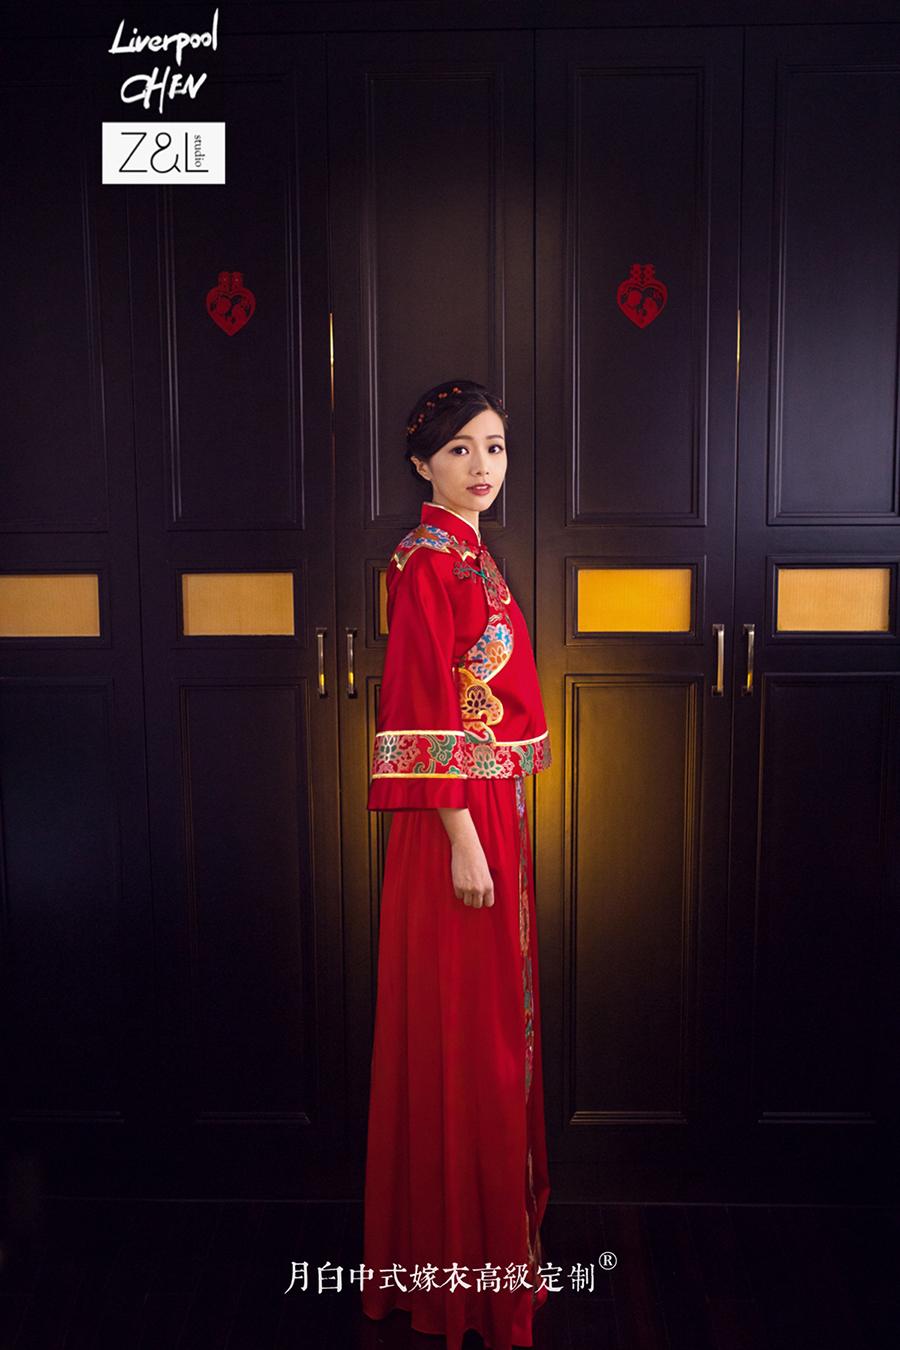 中式吉服/喜服:祥瑞如意·翠琇